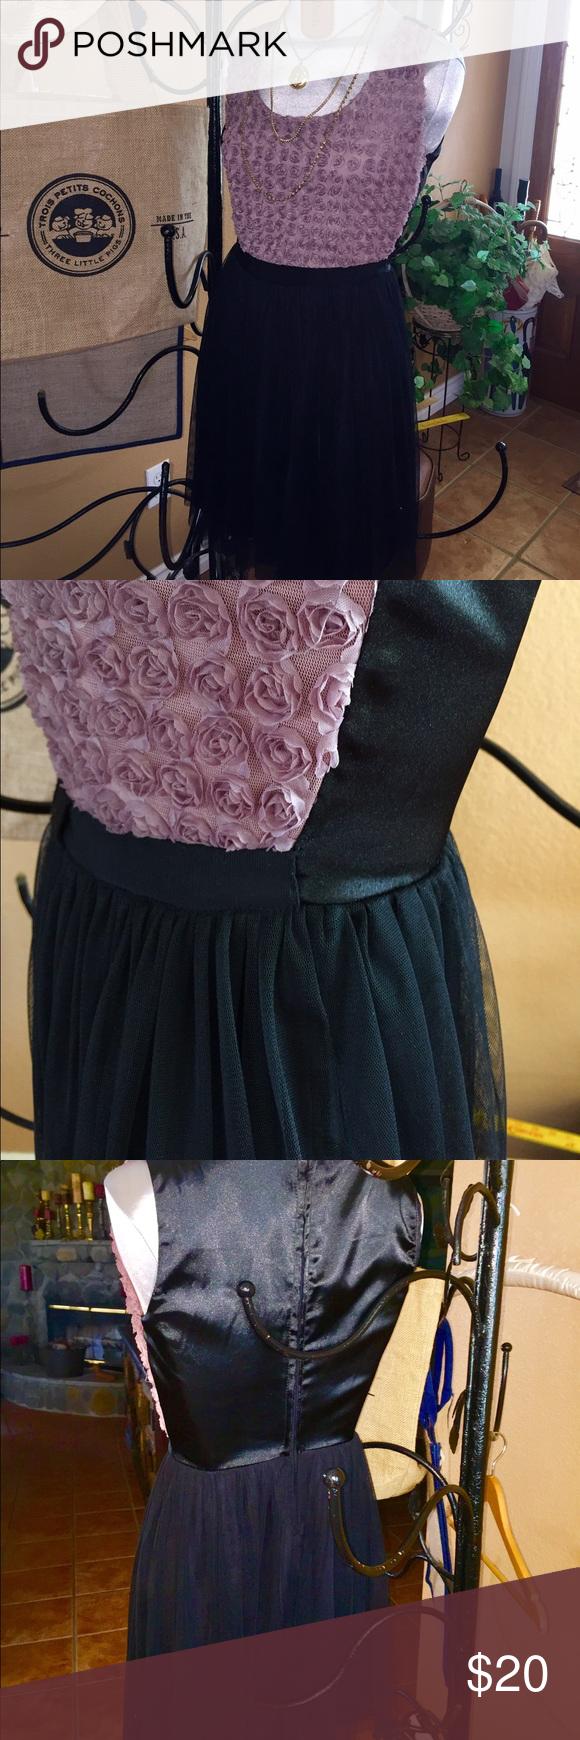 BeBop Sweet little rose dress All occasion BeBop dress in black and deep mauve color size S BeBop Dresses Mini